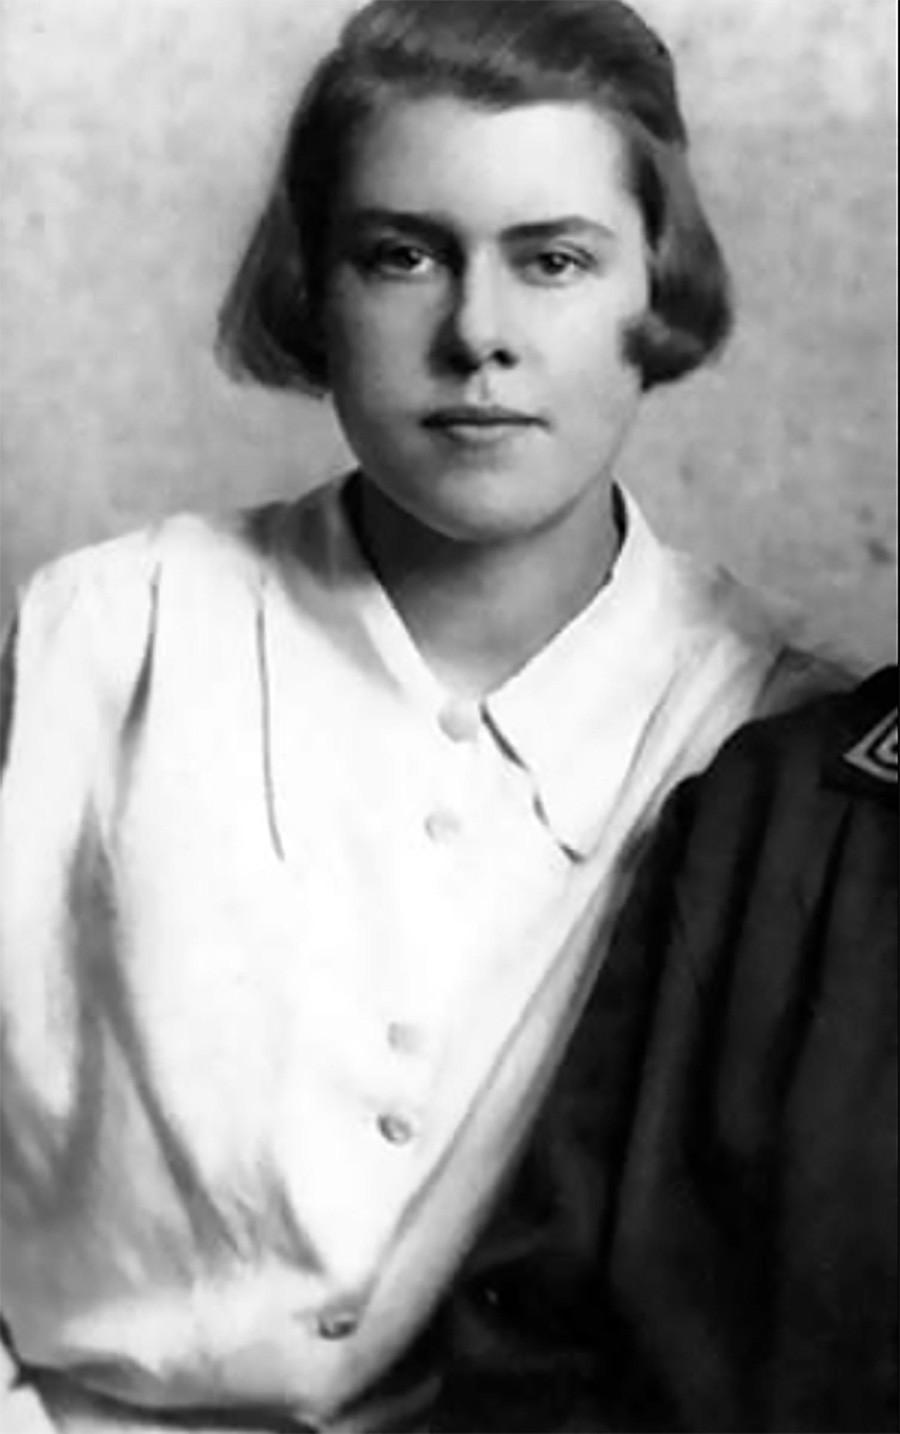 Melita Norwood (1912-2005) - britische Beamtin und Spionin für KGB. 1935.